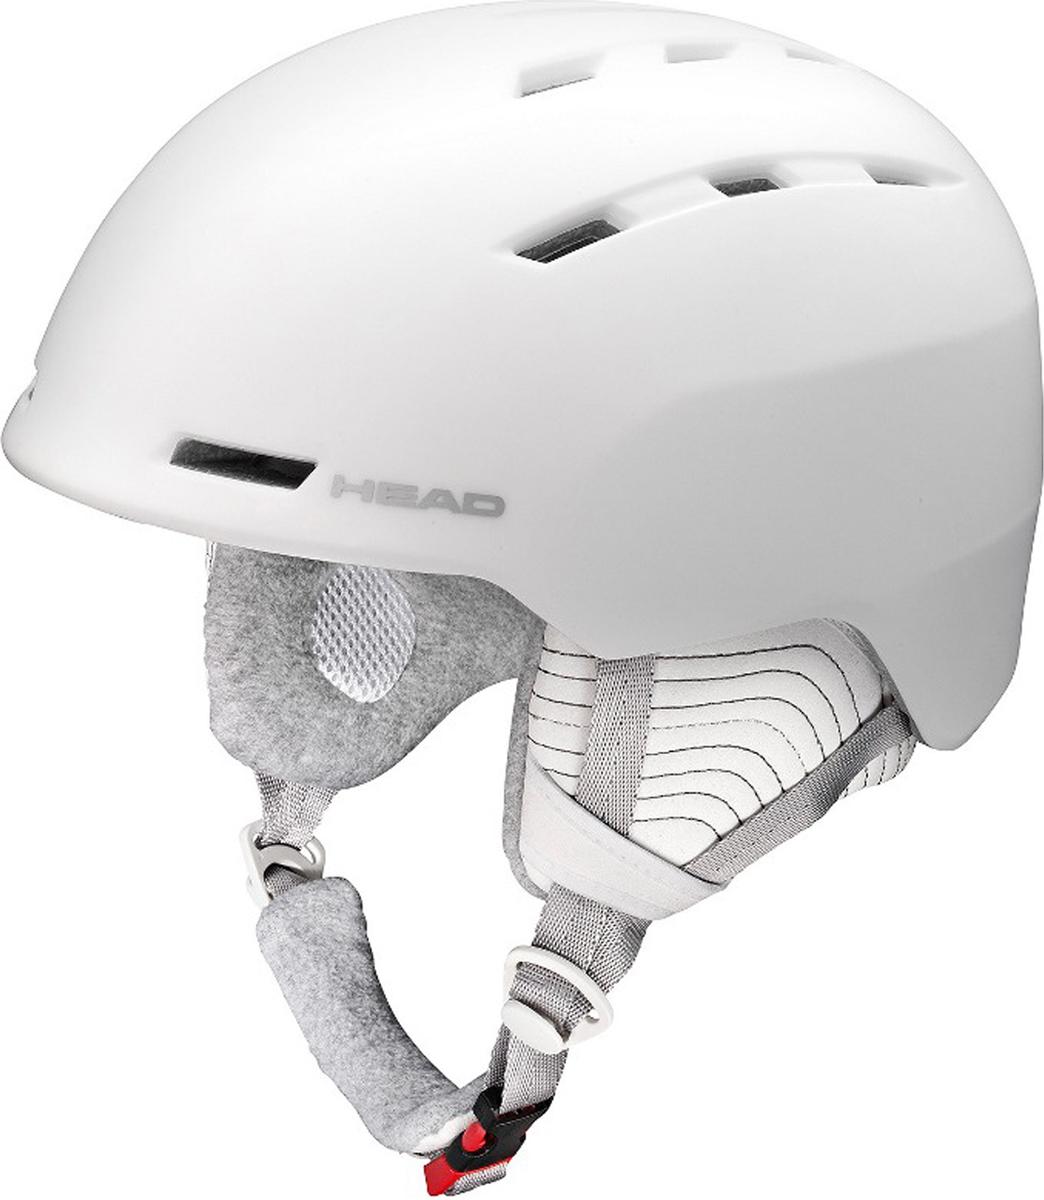 Шлем горнолыжный/сноубордический HEAD VALERY. Разме XS/S (52-55)325607 (XS/S)Лучшие из лучших! Бестселлер в женской коллекции HEAD. Его отличительная особенность - экстремально малый вес и супер удобная посадка на голове. Построена по уже известной технологии горячей прессовки, имеет отличную вентиляцию по периметру и вентиляцию маски.ОСОБЕННОСТИ:- Облегченный ABS,- Вентиляция Thermal,- Вентиляция маски,- Подкладка из микрофлиса,- Регулировка размера HEAD 3D Fit,- Эргономический воротник с регулировкой положения на шлеме,- Сертификат CE EN 1077:2007 Class B,- Вес: m/l 420 г.